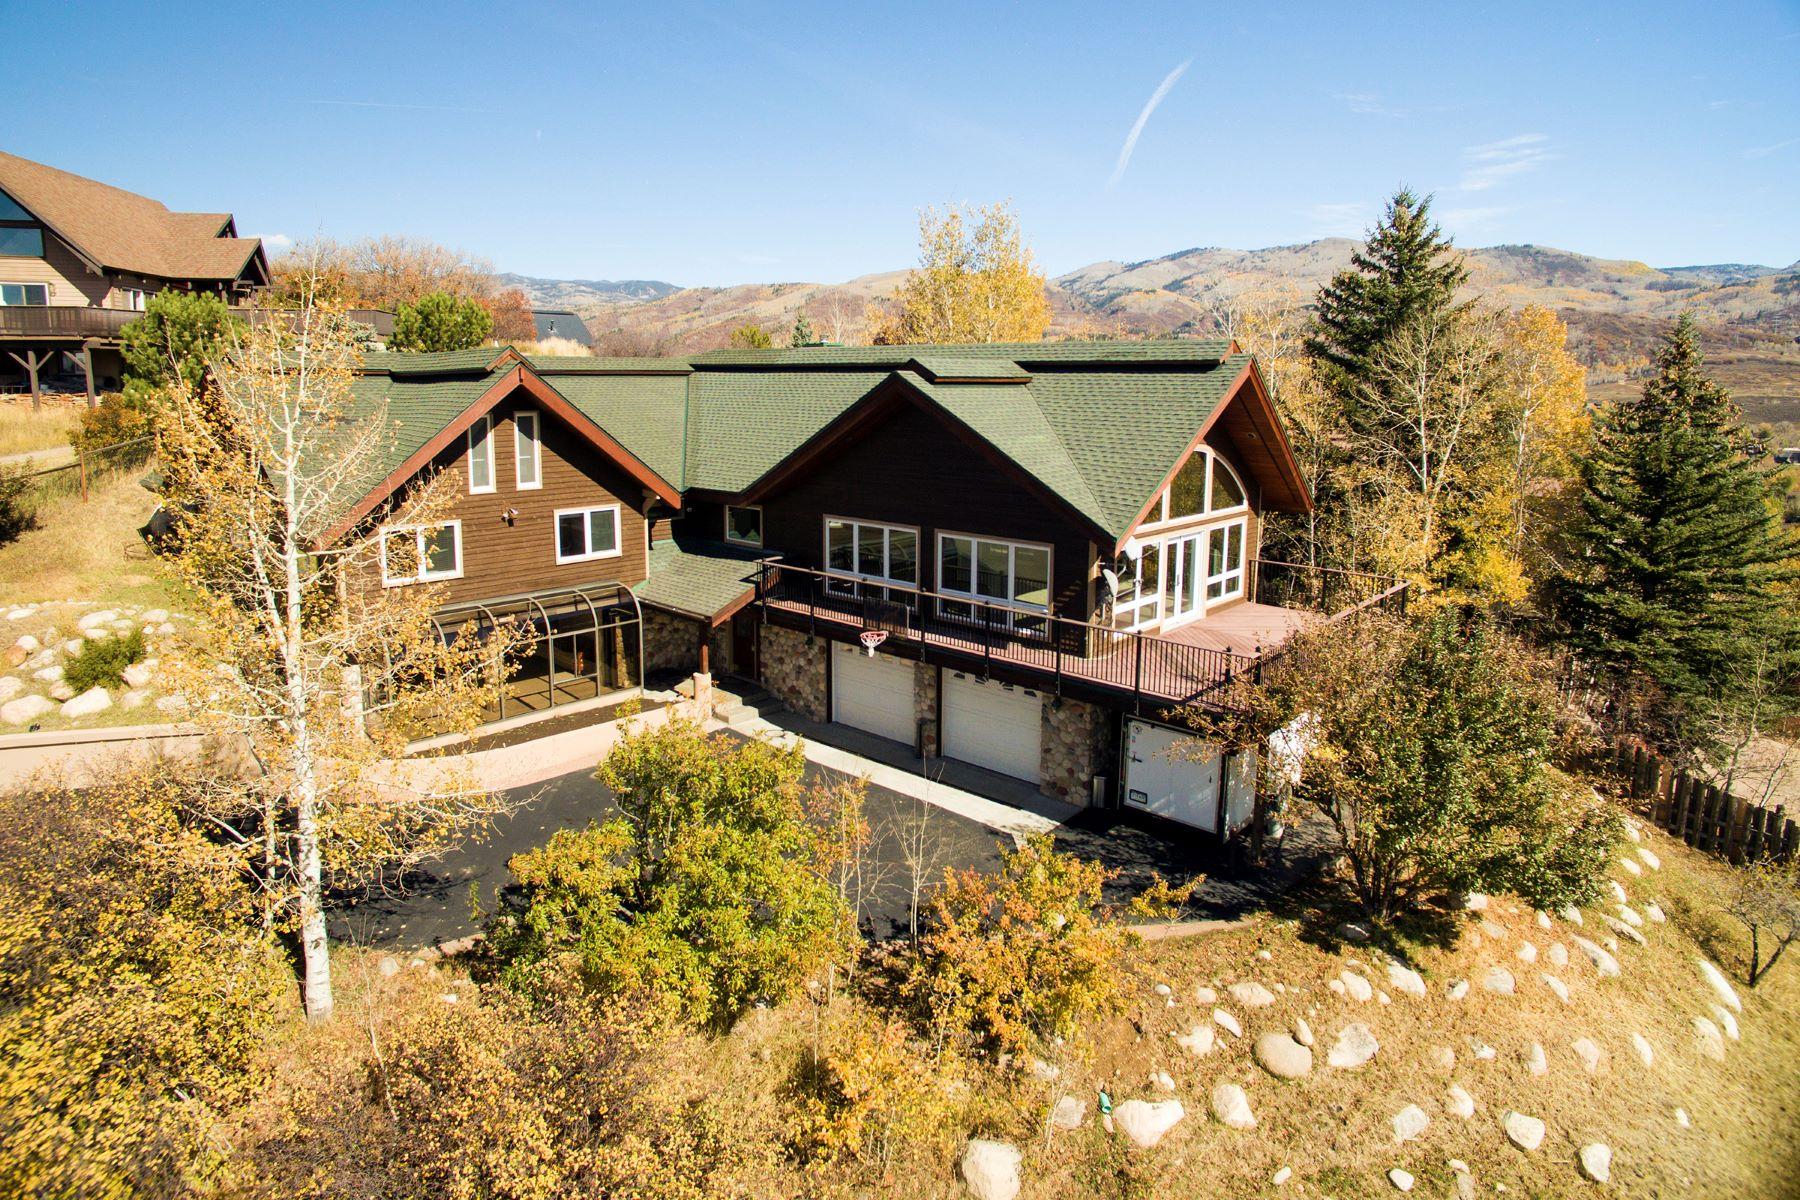 Einfamilienhaus für Verkauf beim Downtown View Home 1260 Buckskin Drive Steamboat Springs, Colorado, 80487 Vereinigte Staaten